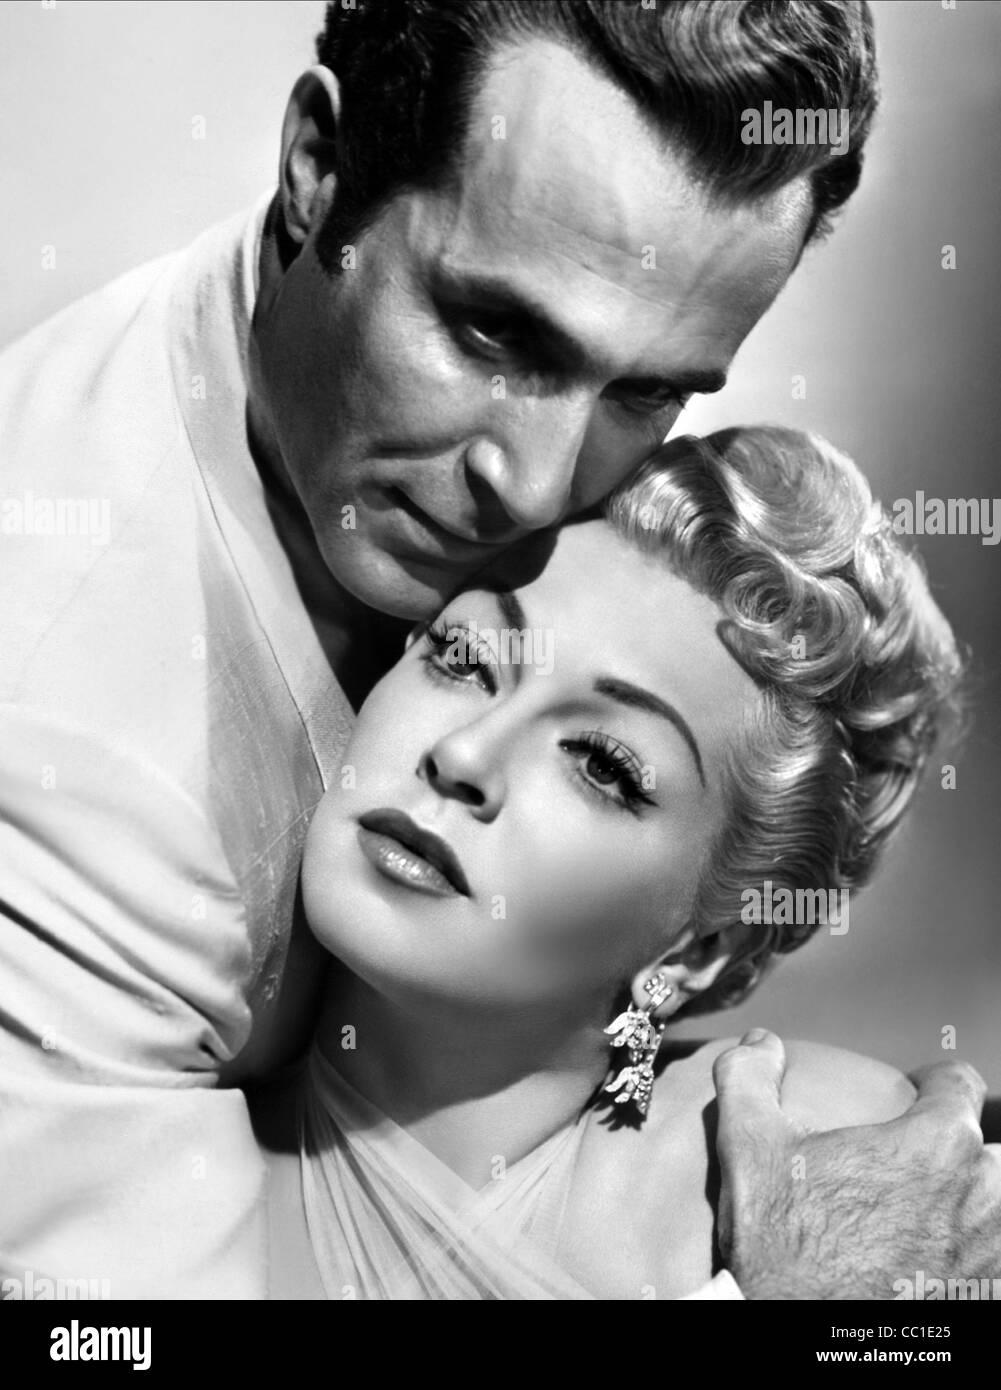 RICARDO MONTALBAN & LANA TURNER LATIN LOVERS (1953) - Stock Image